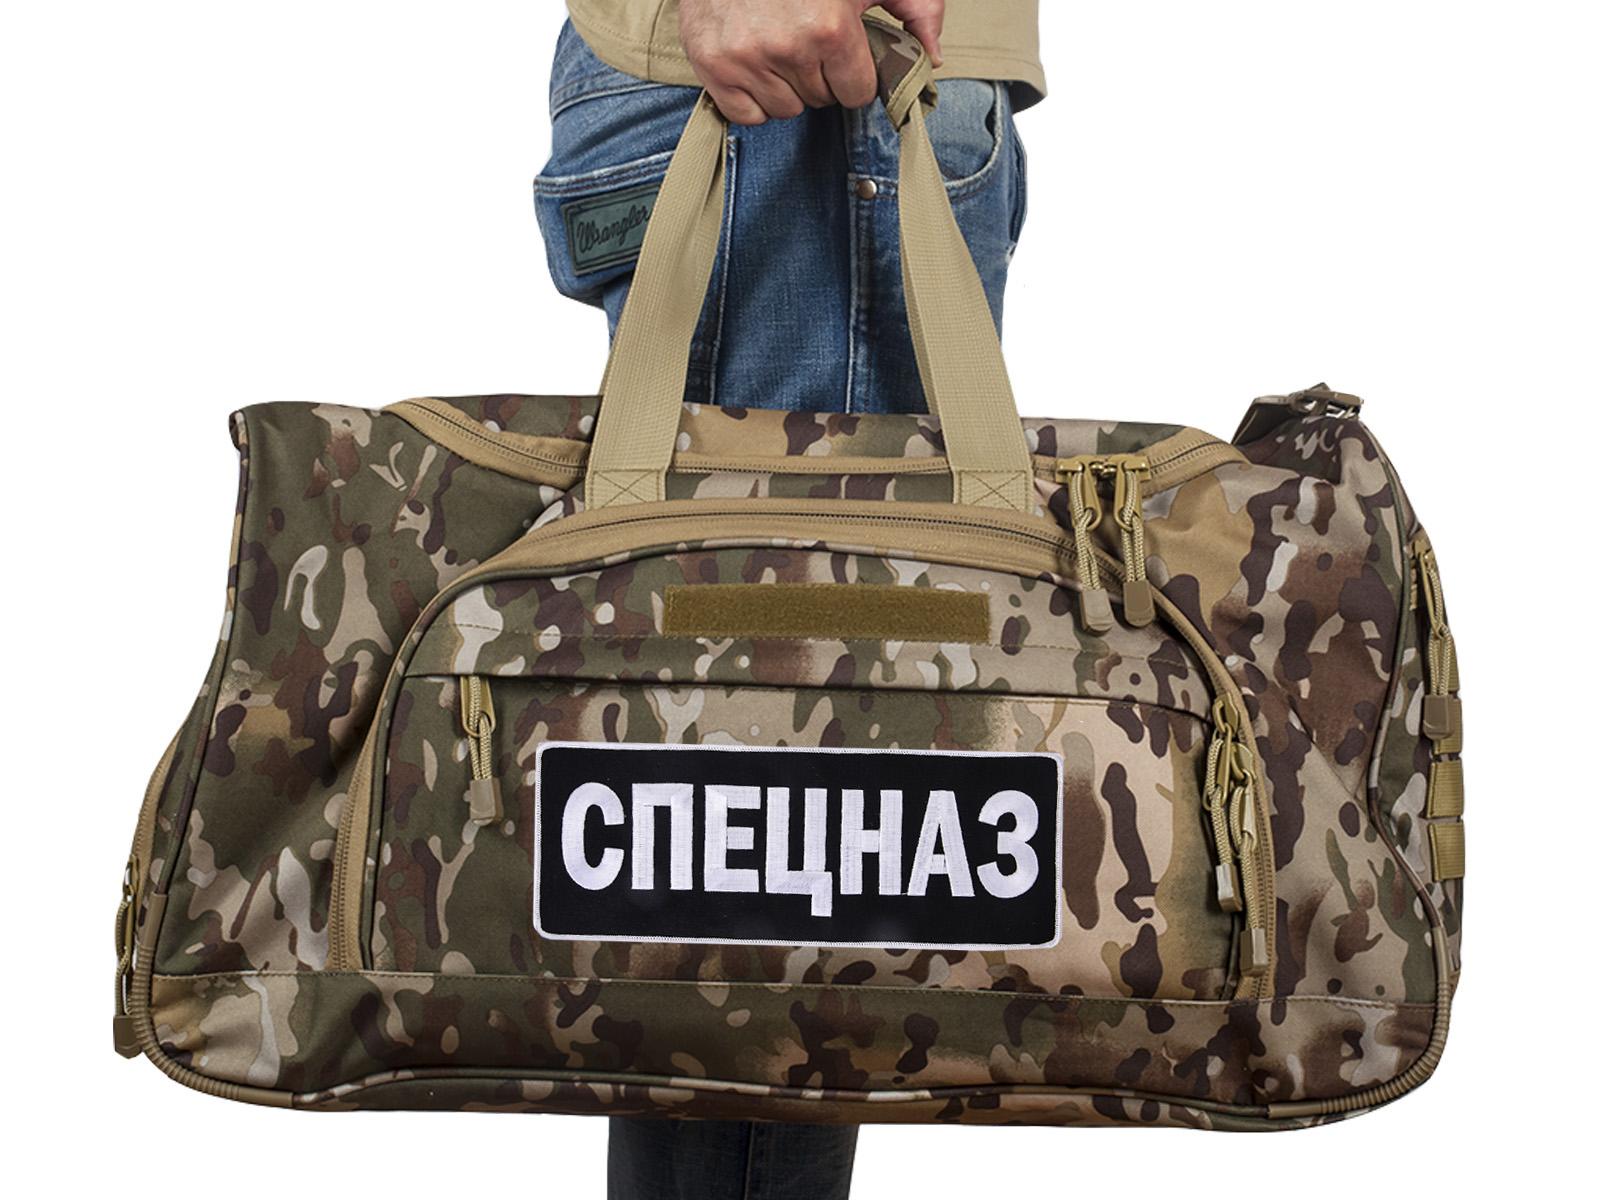 Продажа тактических сумок и рюкзаков по Москве и России